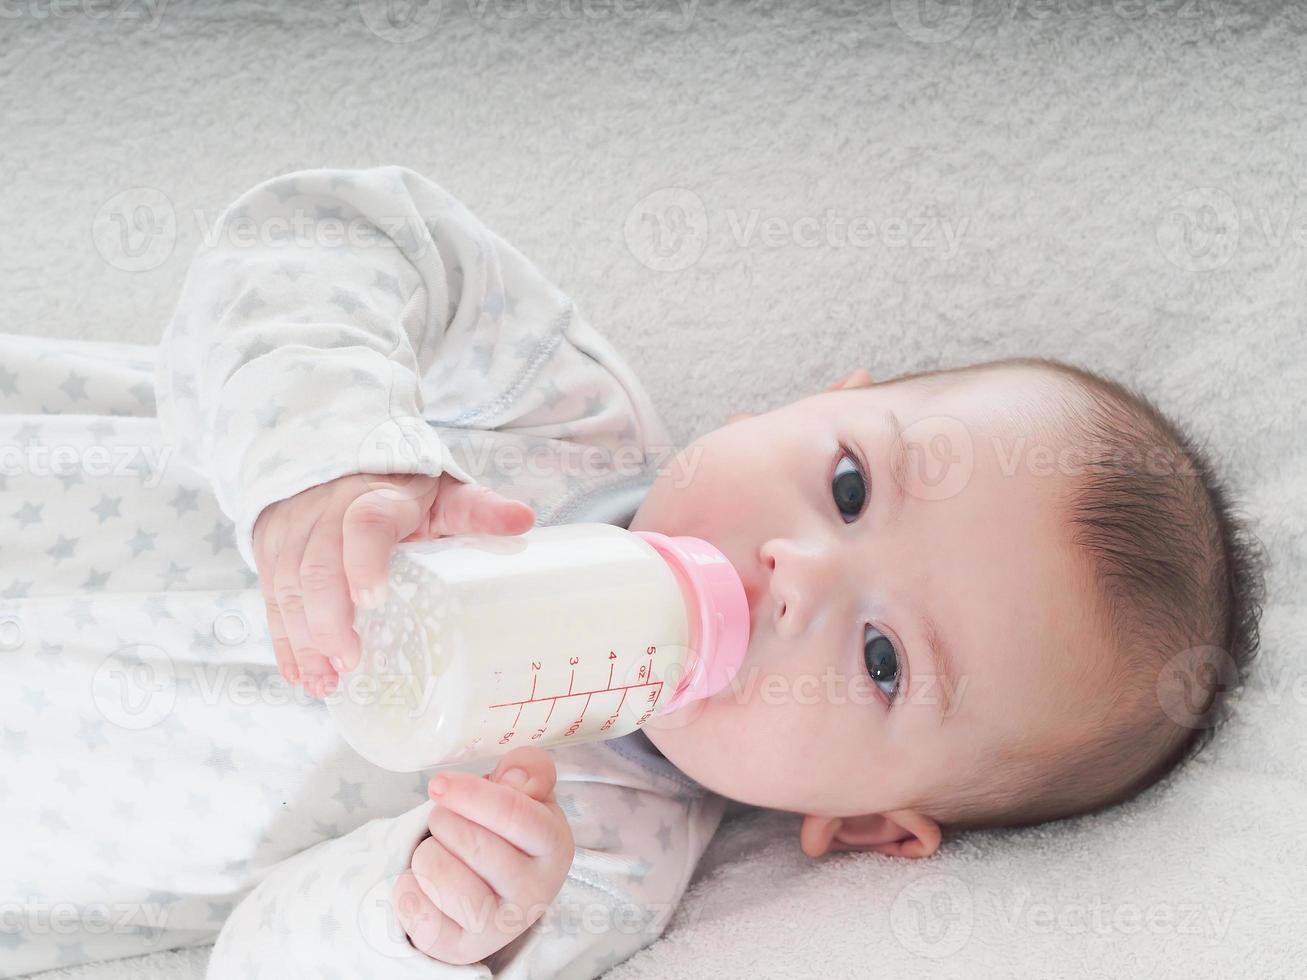 bambino che beve latte dalla bottiglia a casa foto